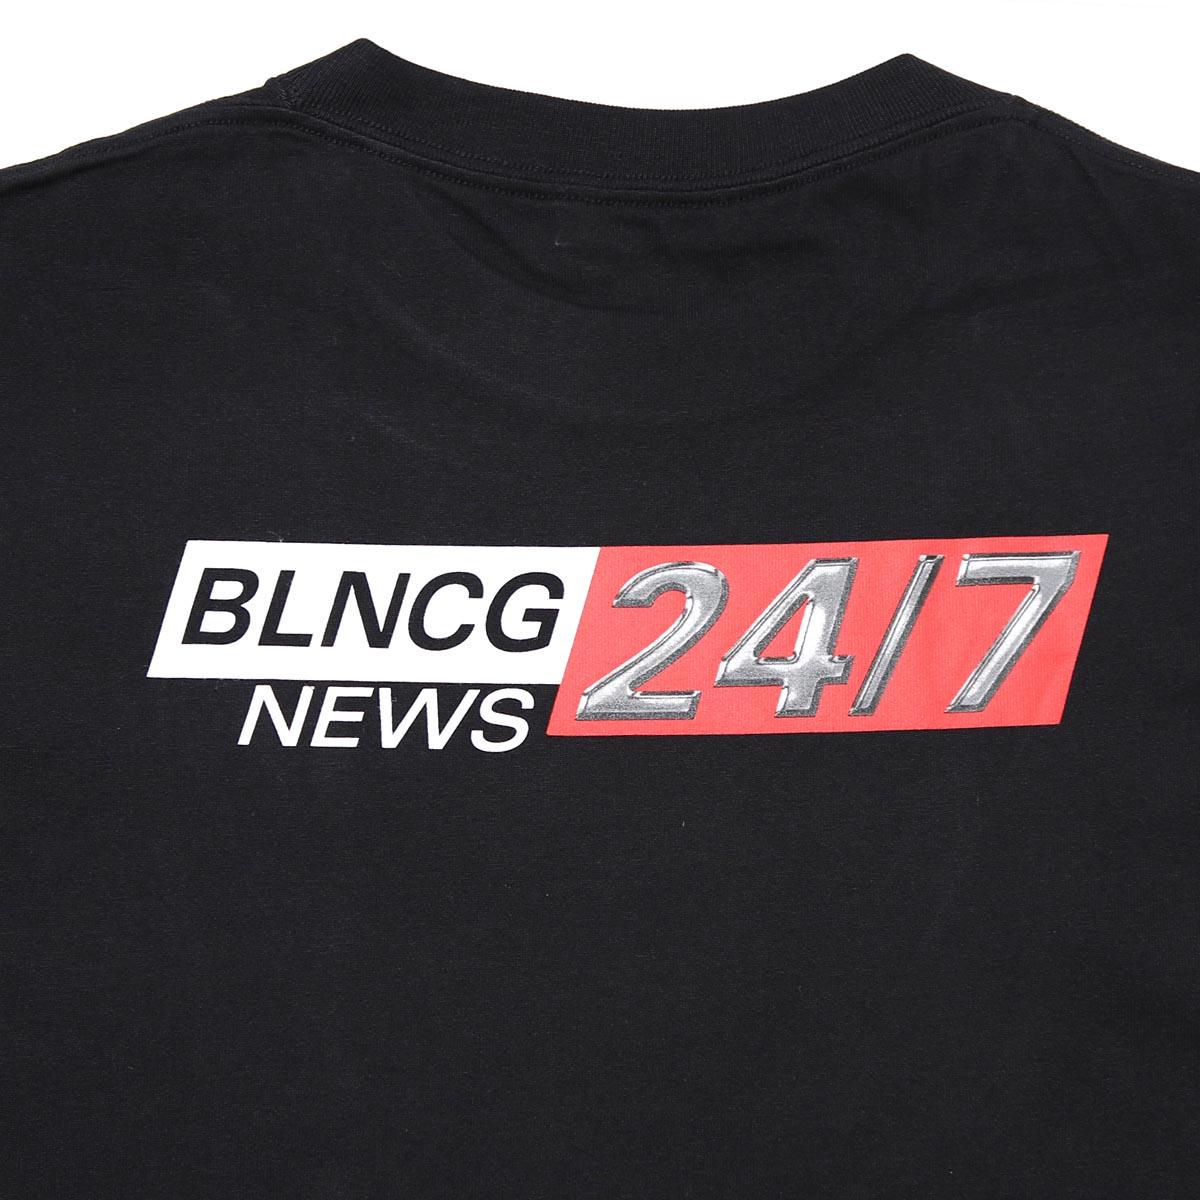 【大感謝祭】BALENCIAGA バレンシアガ クルーネック Tシャツ メンズ